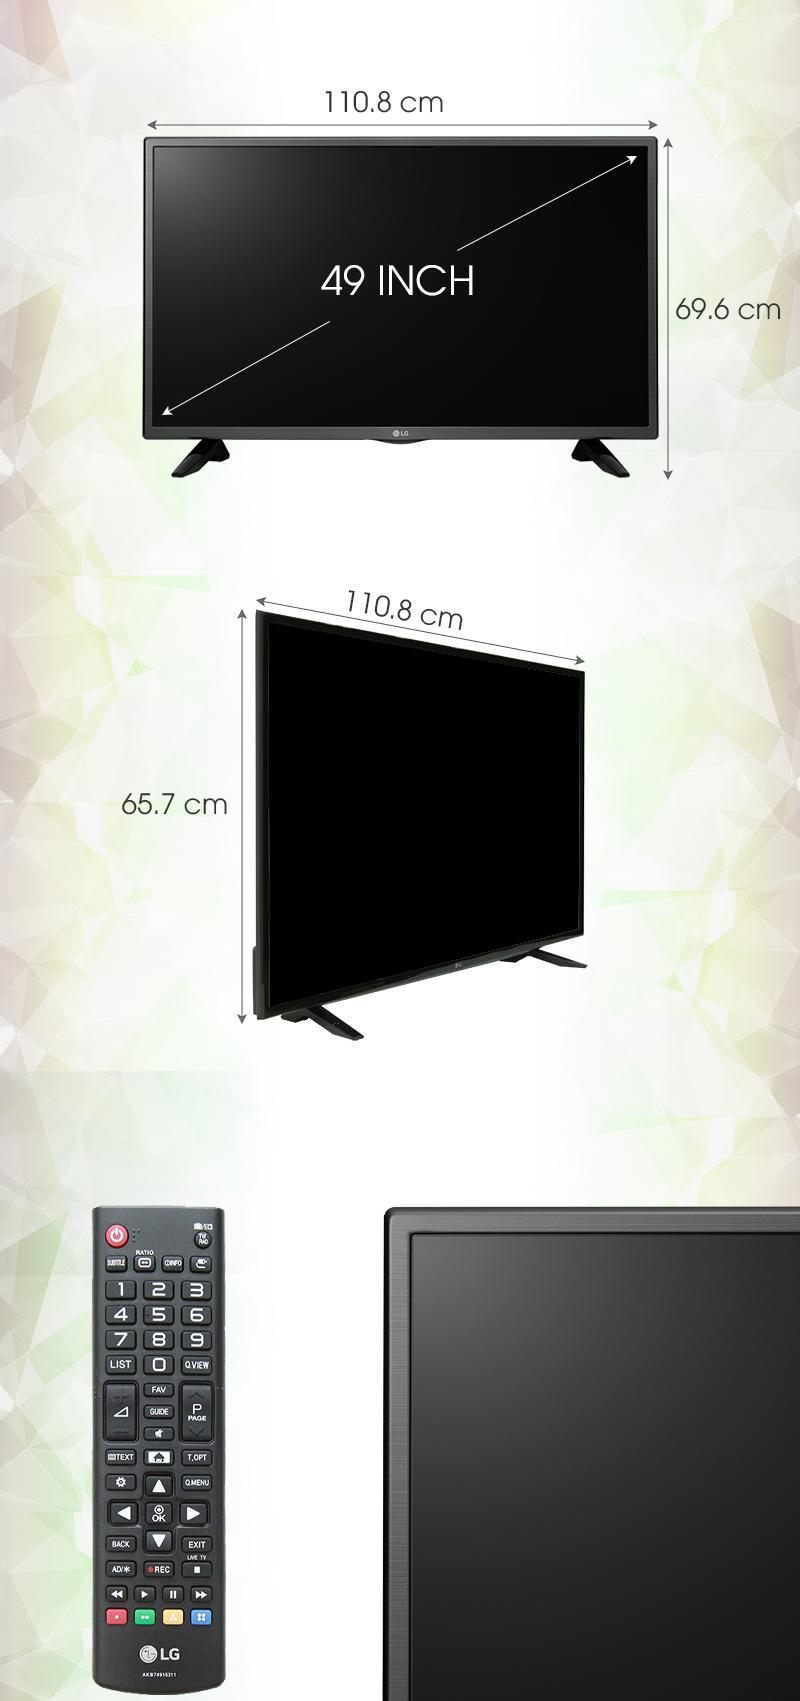 Tivi LG 49 inch 49LH511T - Kích thước tivi